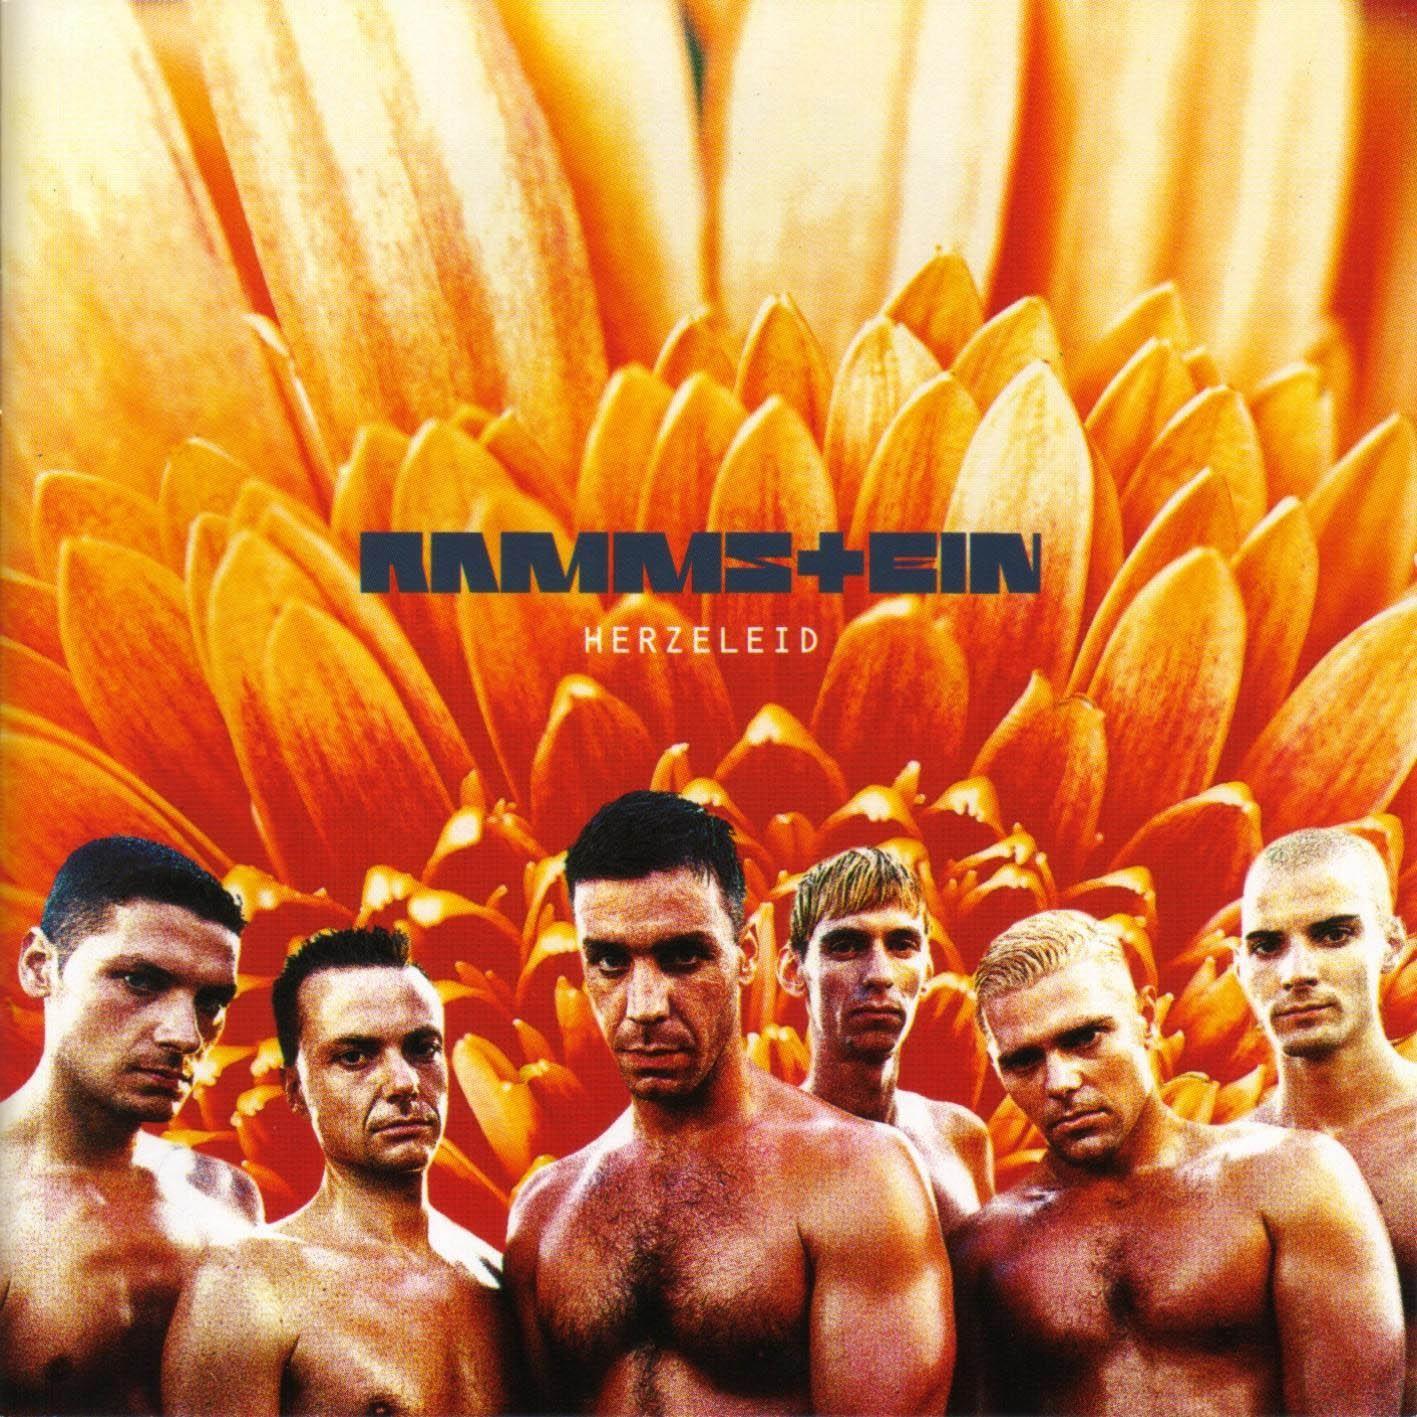 Rammstein - Herzeleid album cover